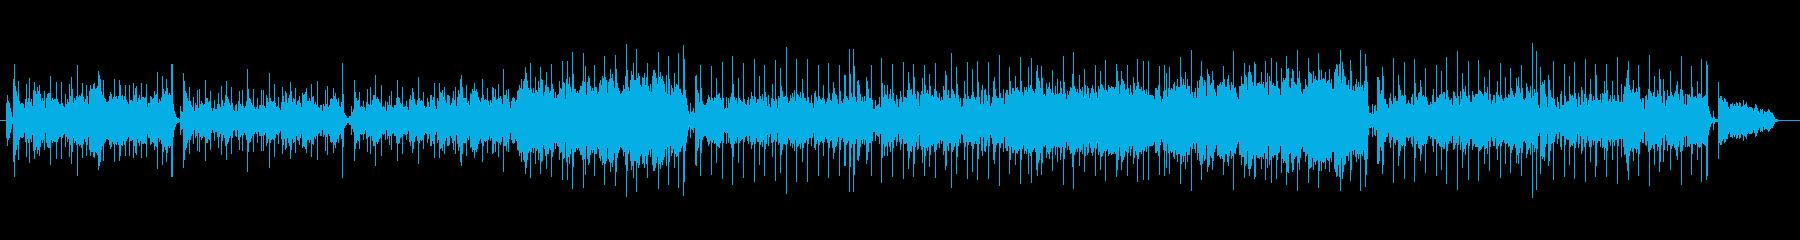 おとなのフュージョン(官能のギター)の再生済みの波形